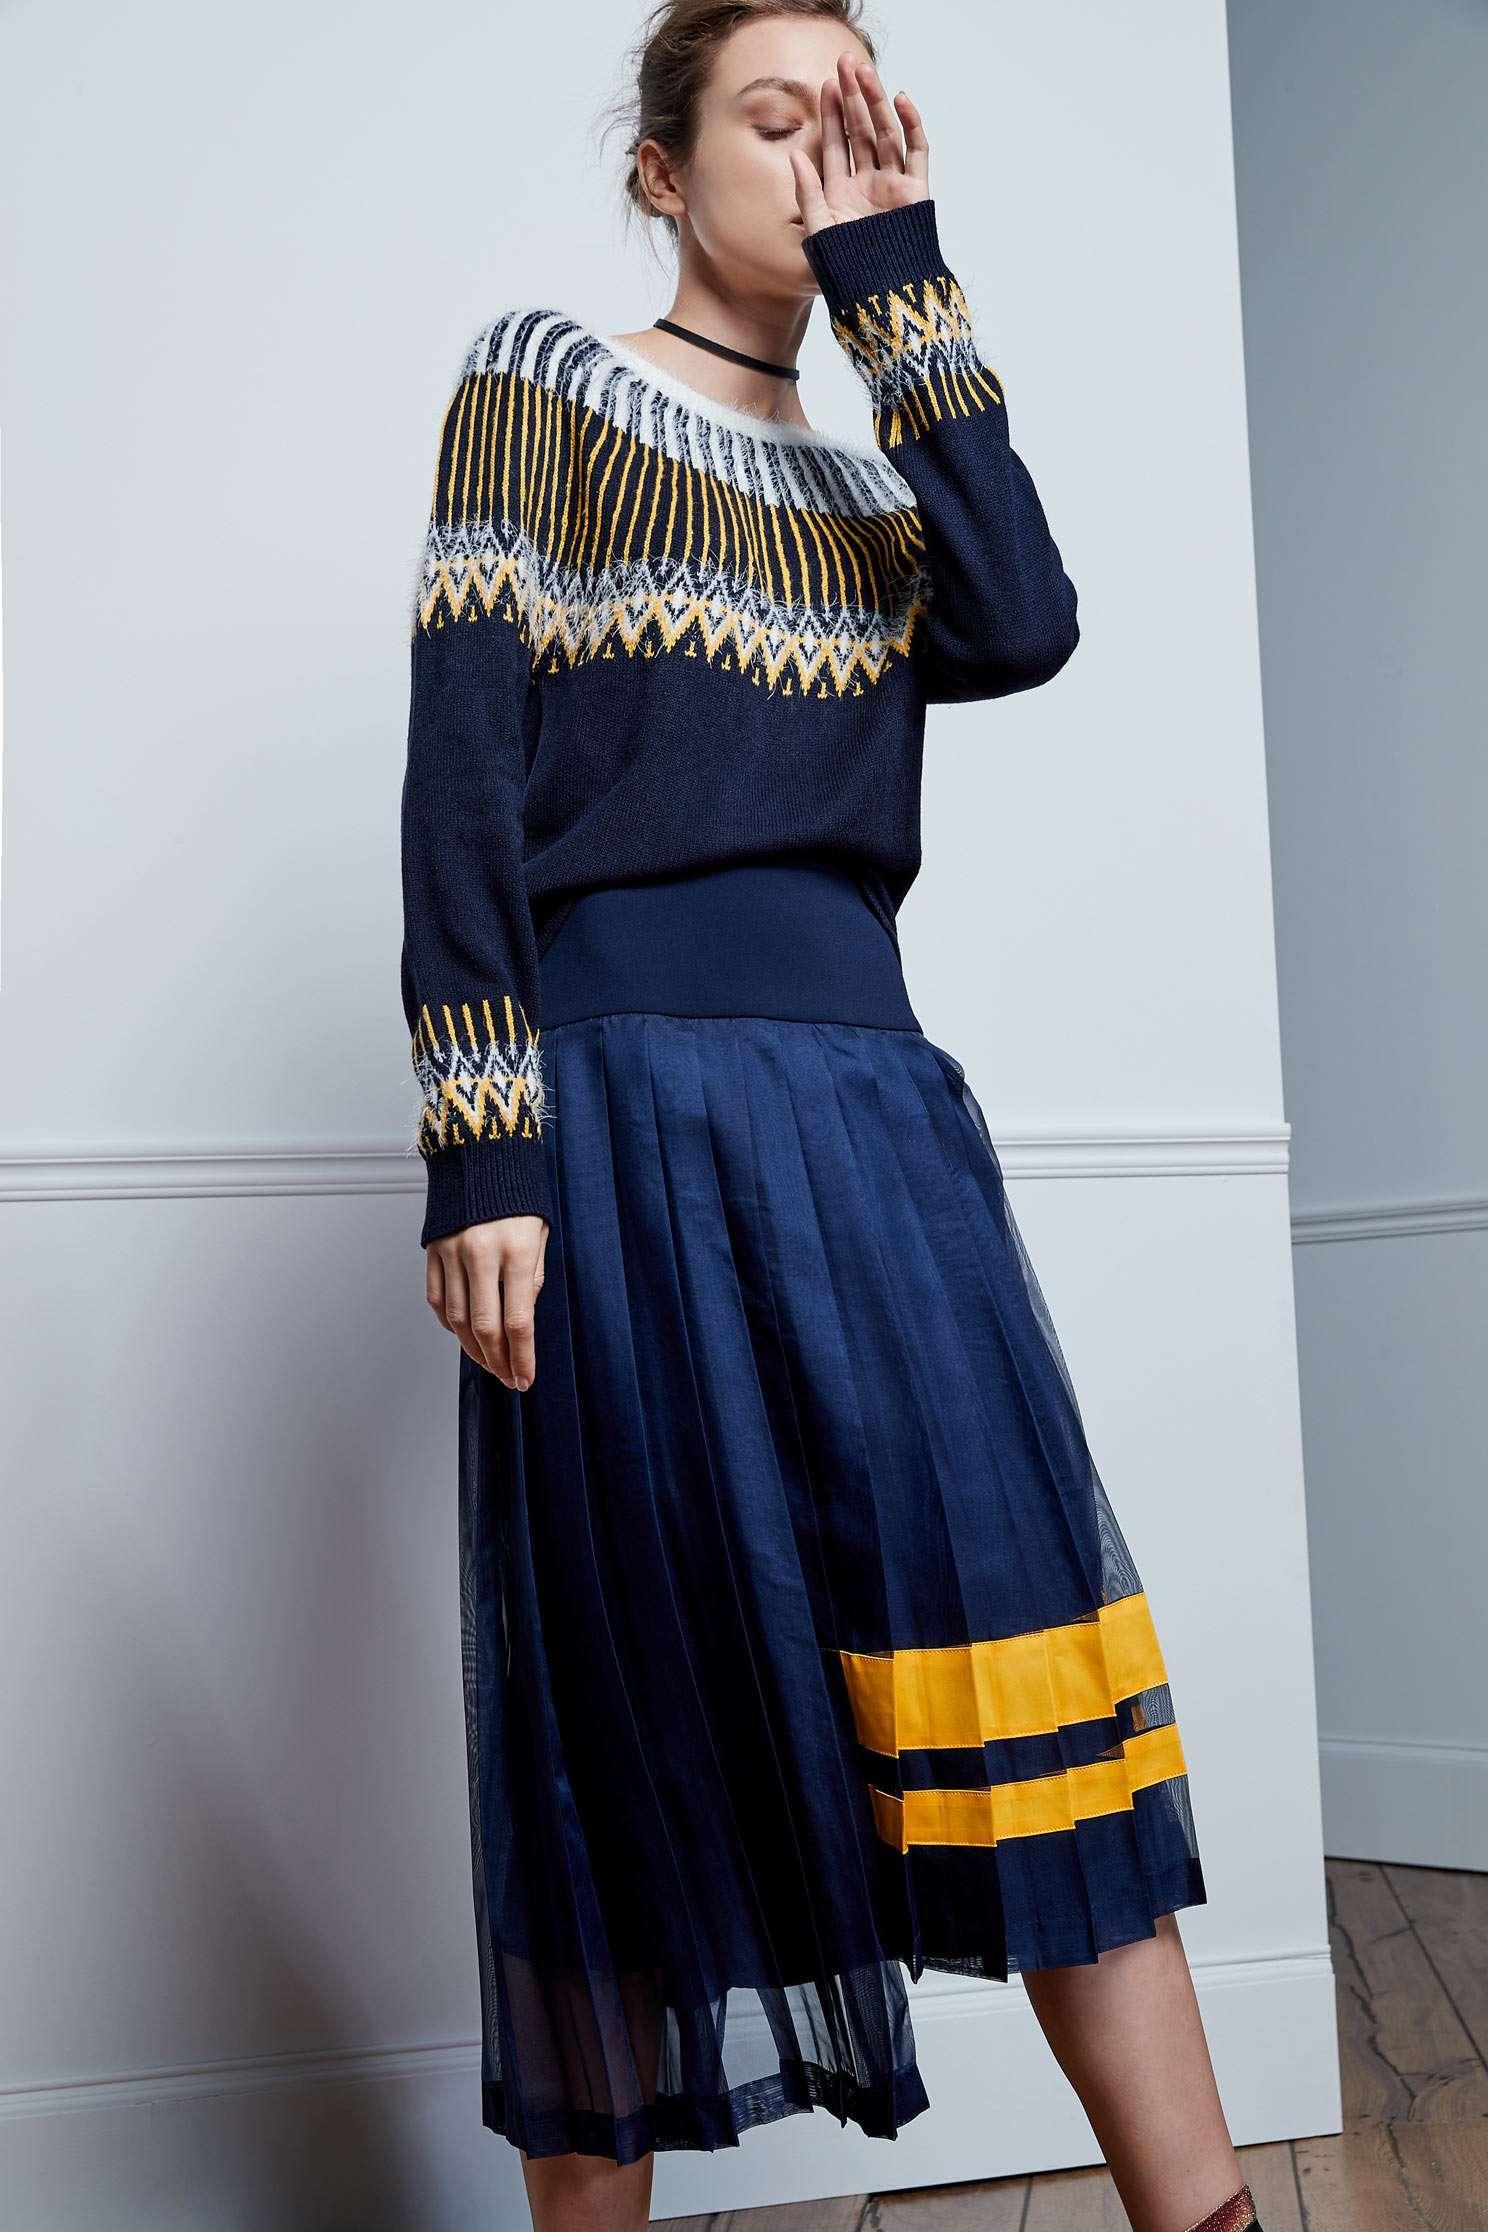 Floral ball collar knit tops,Top,圓領上衣,knitting,Knitted top,Knitted Top,長袖上衣